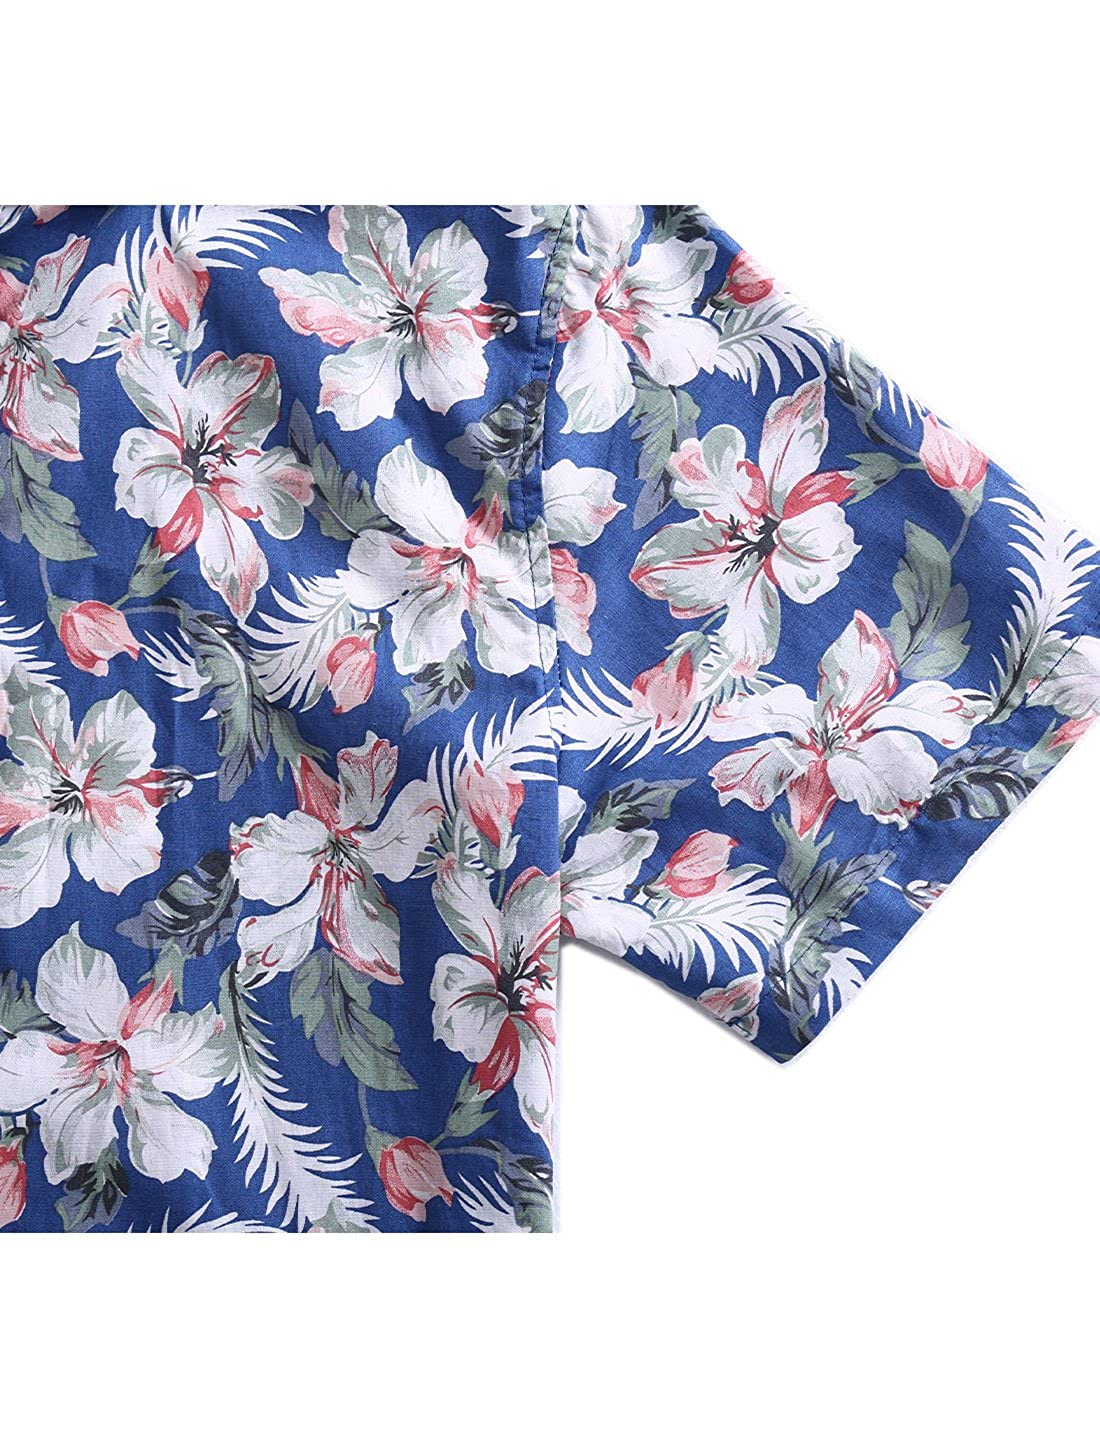 uxcell/® Men Slim Fit Floral Print Short Sleeve Button Down Beach Hawaiian Shirt